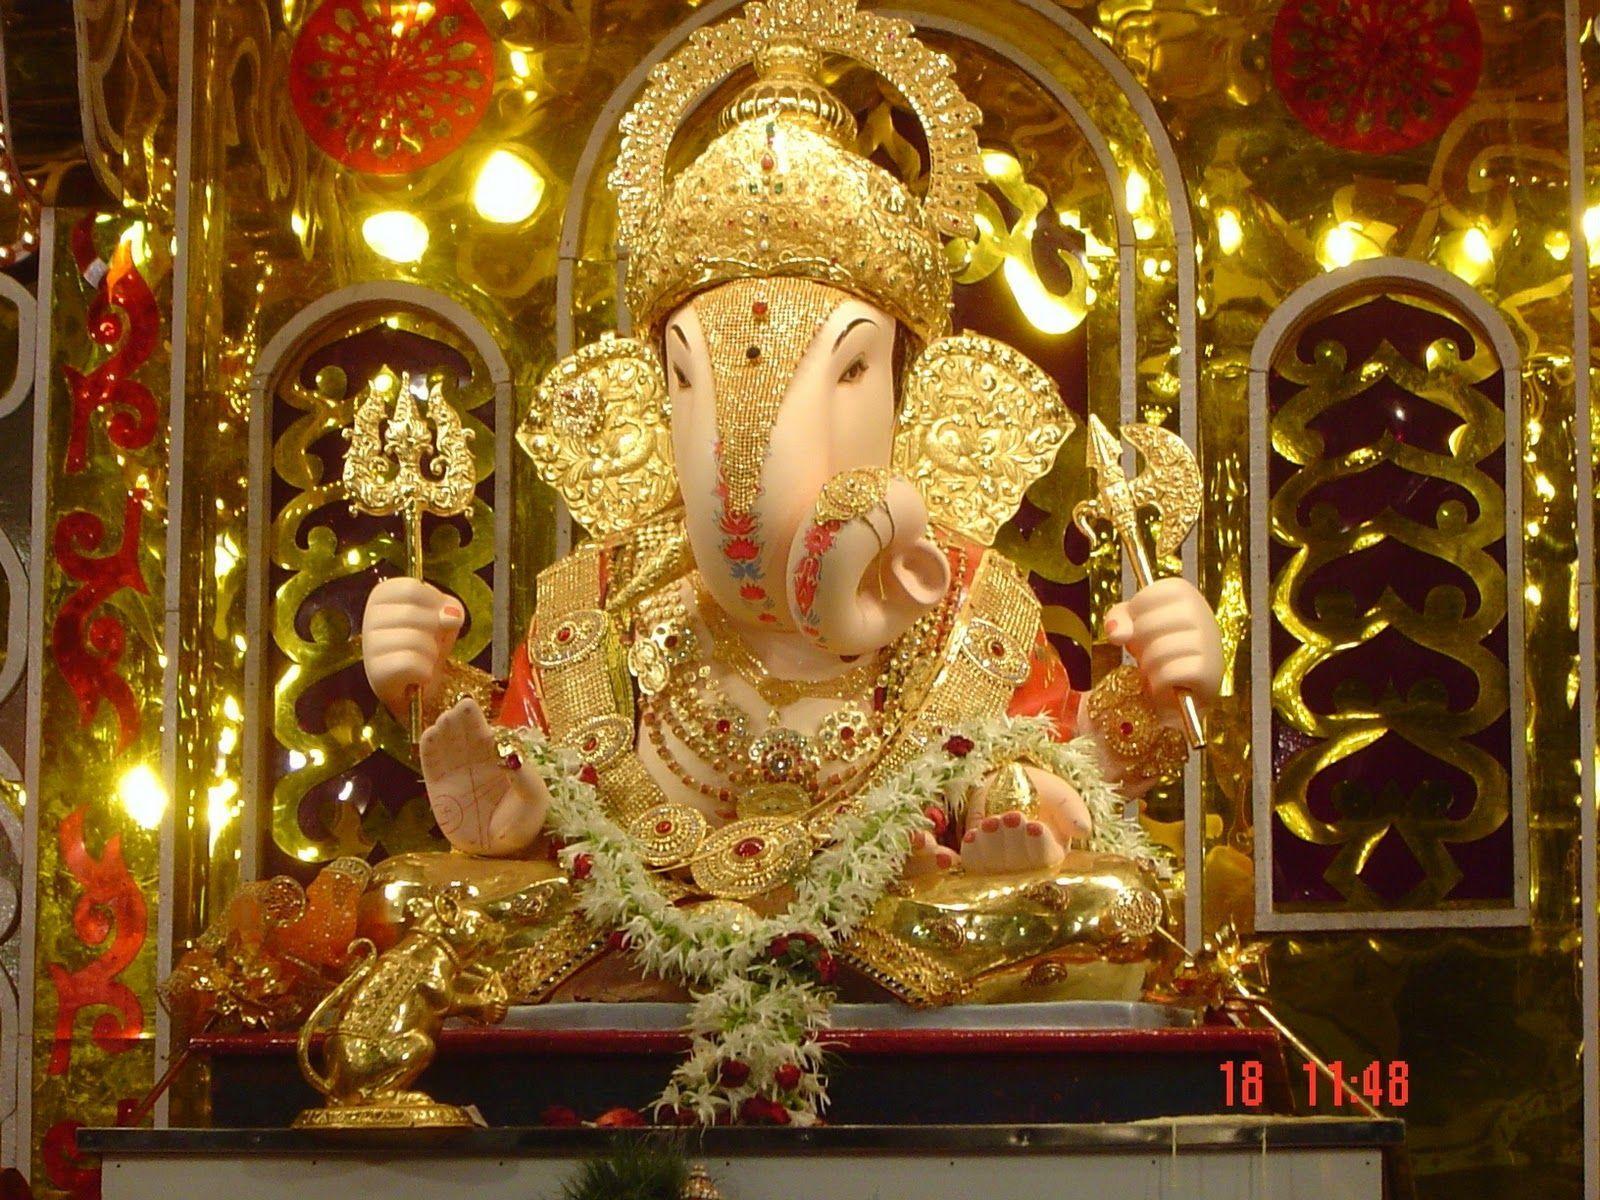 Hình ảnh 1600x1200: Hình nền HD của Ganpati Bappa